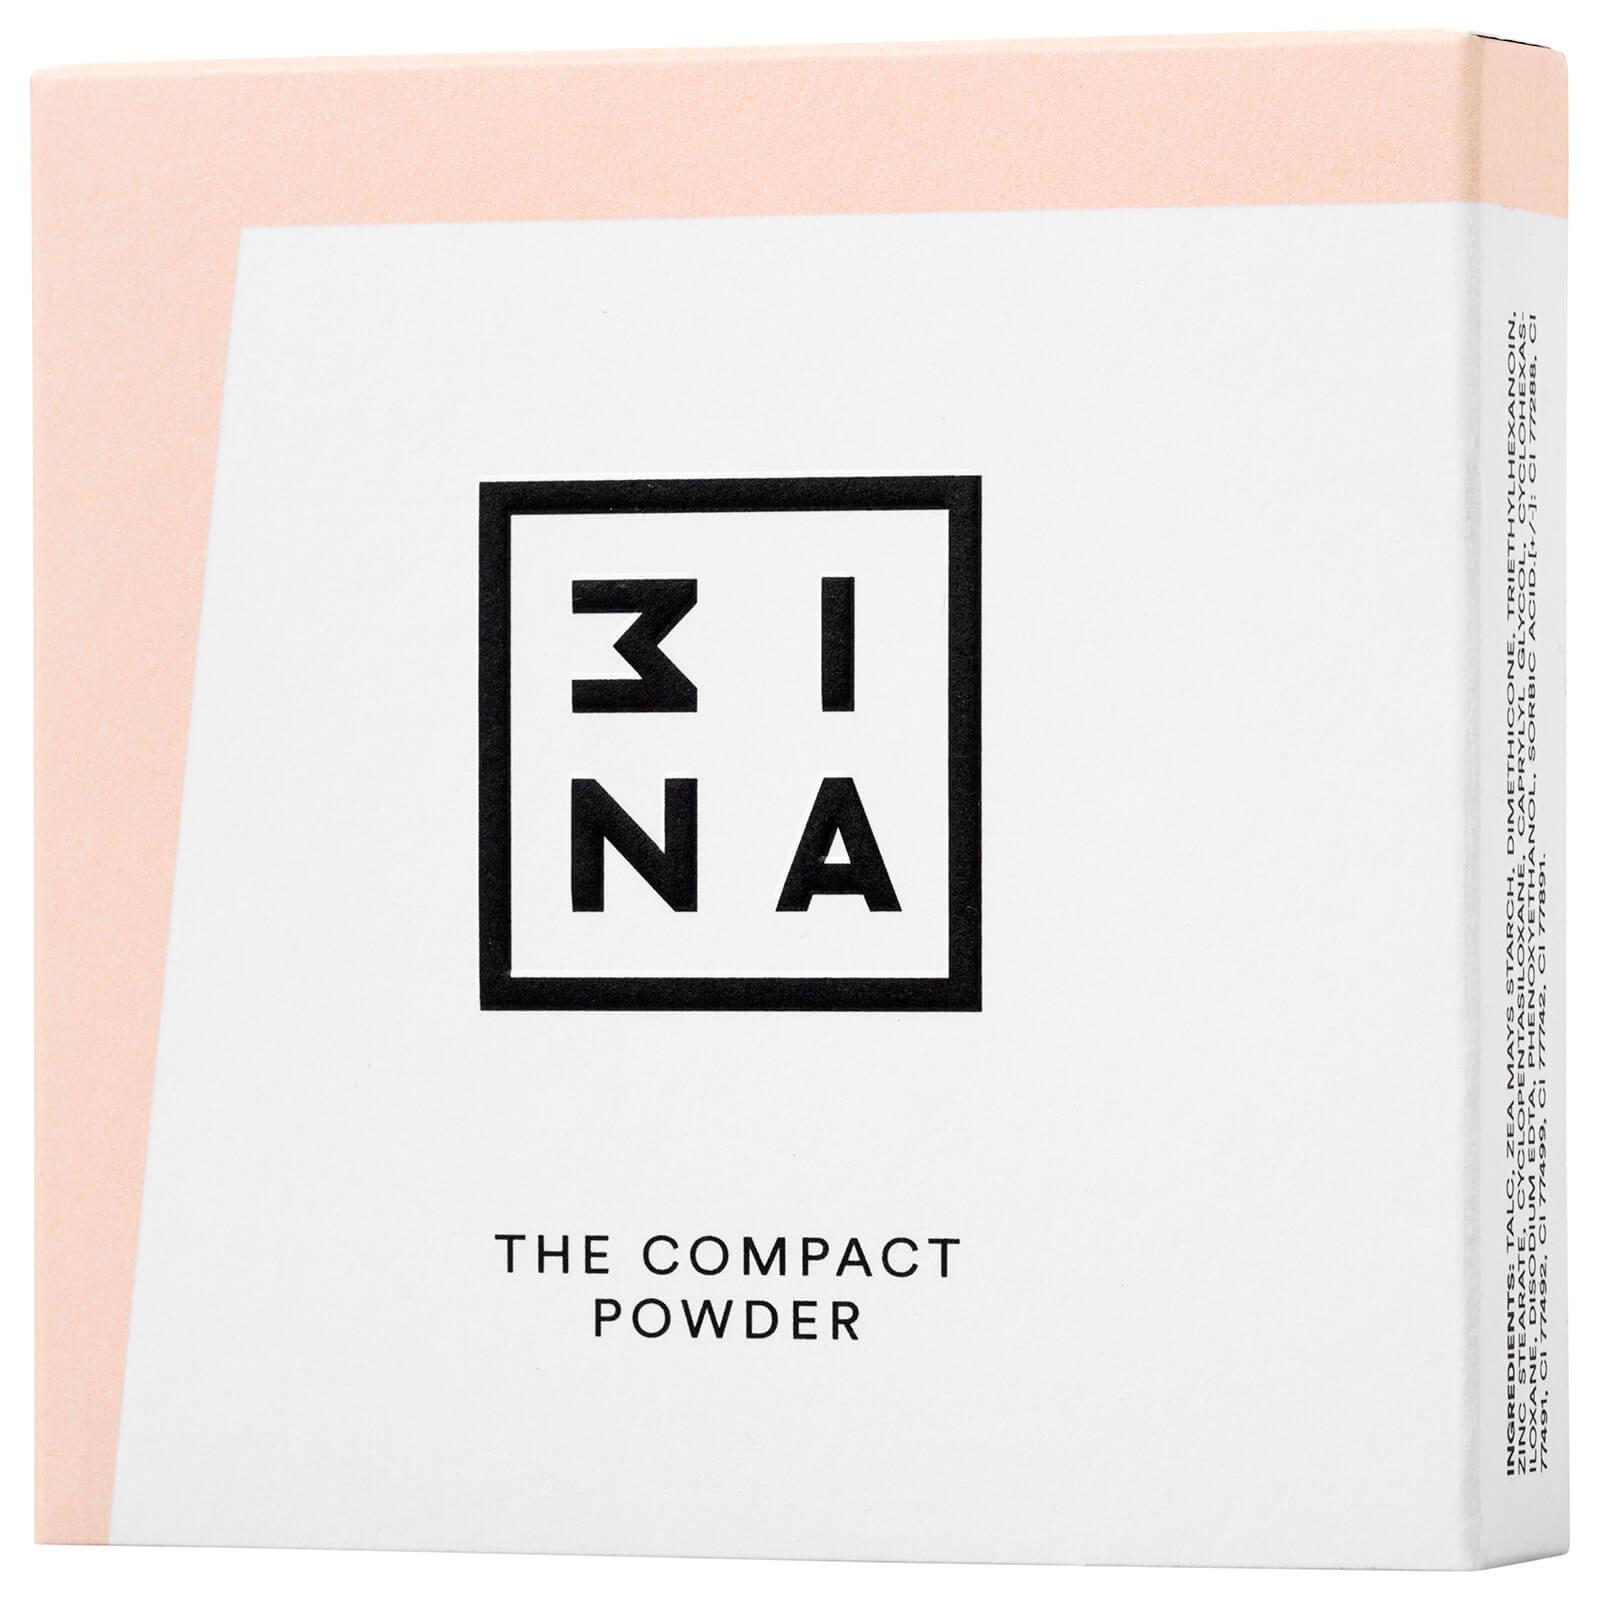 3INA Makeup cipria compatta 11,5 g (varie tonalità) - 200